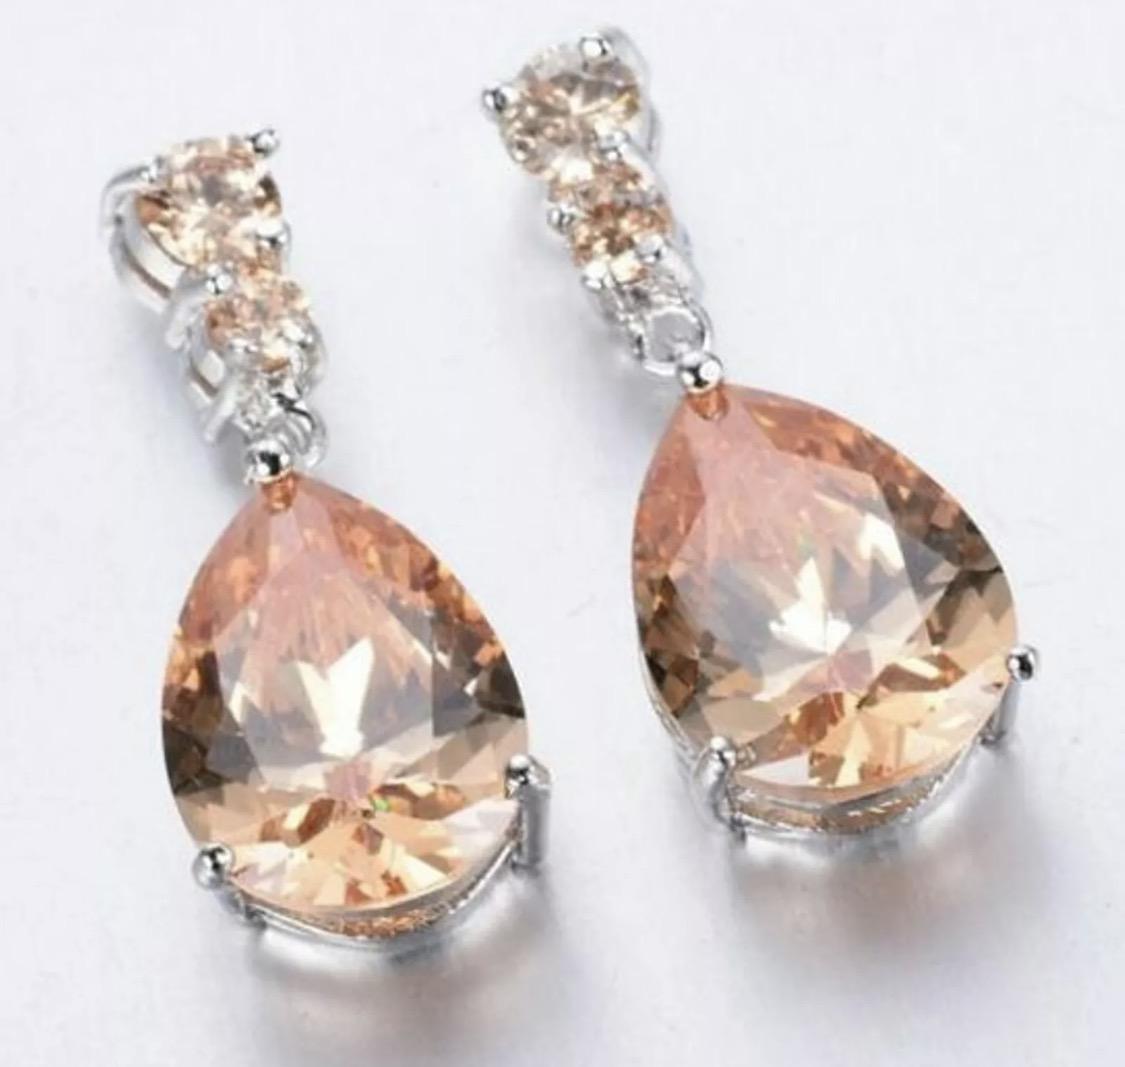 EAR-186 925 Sterling silver Filled Morganite huggie earrings